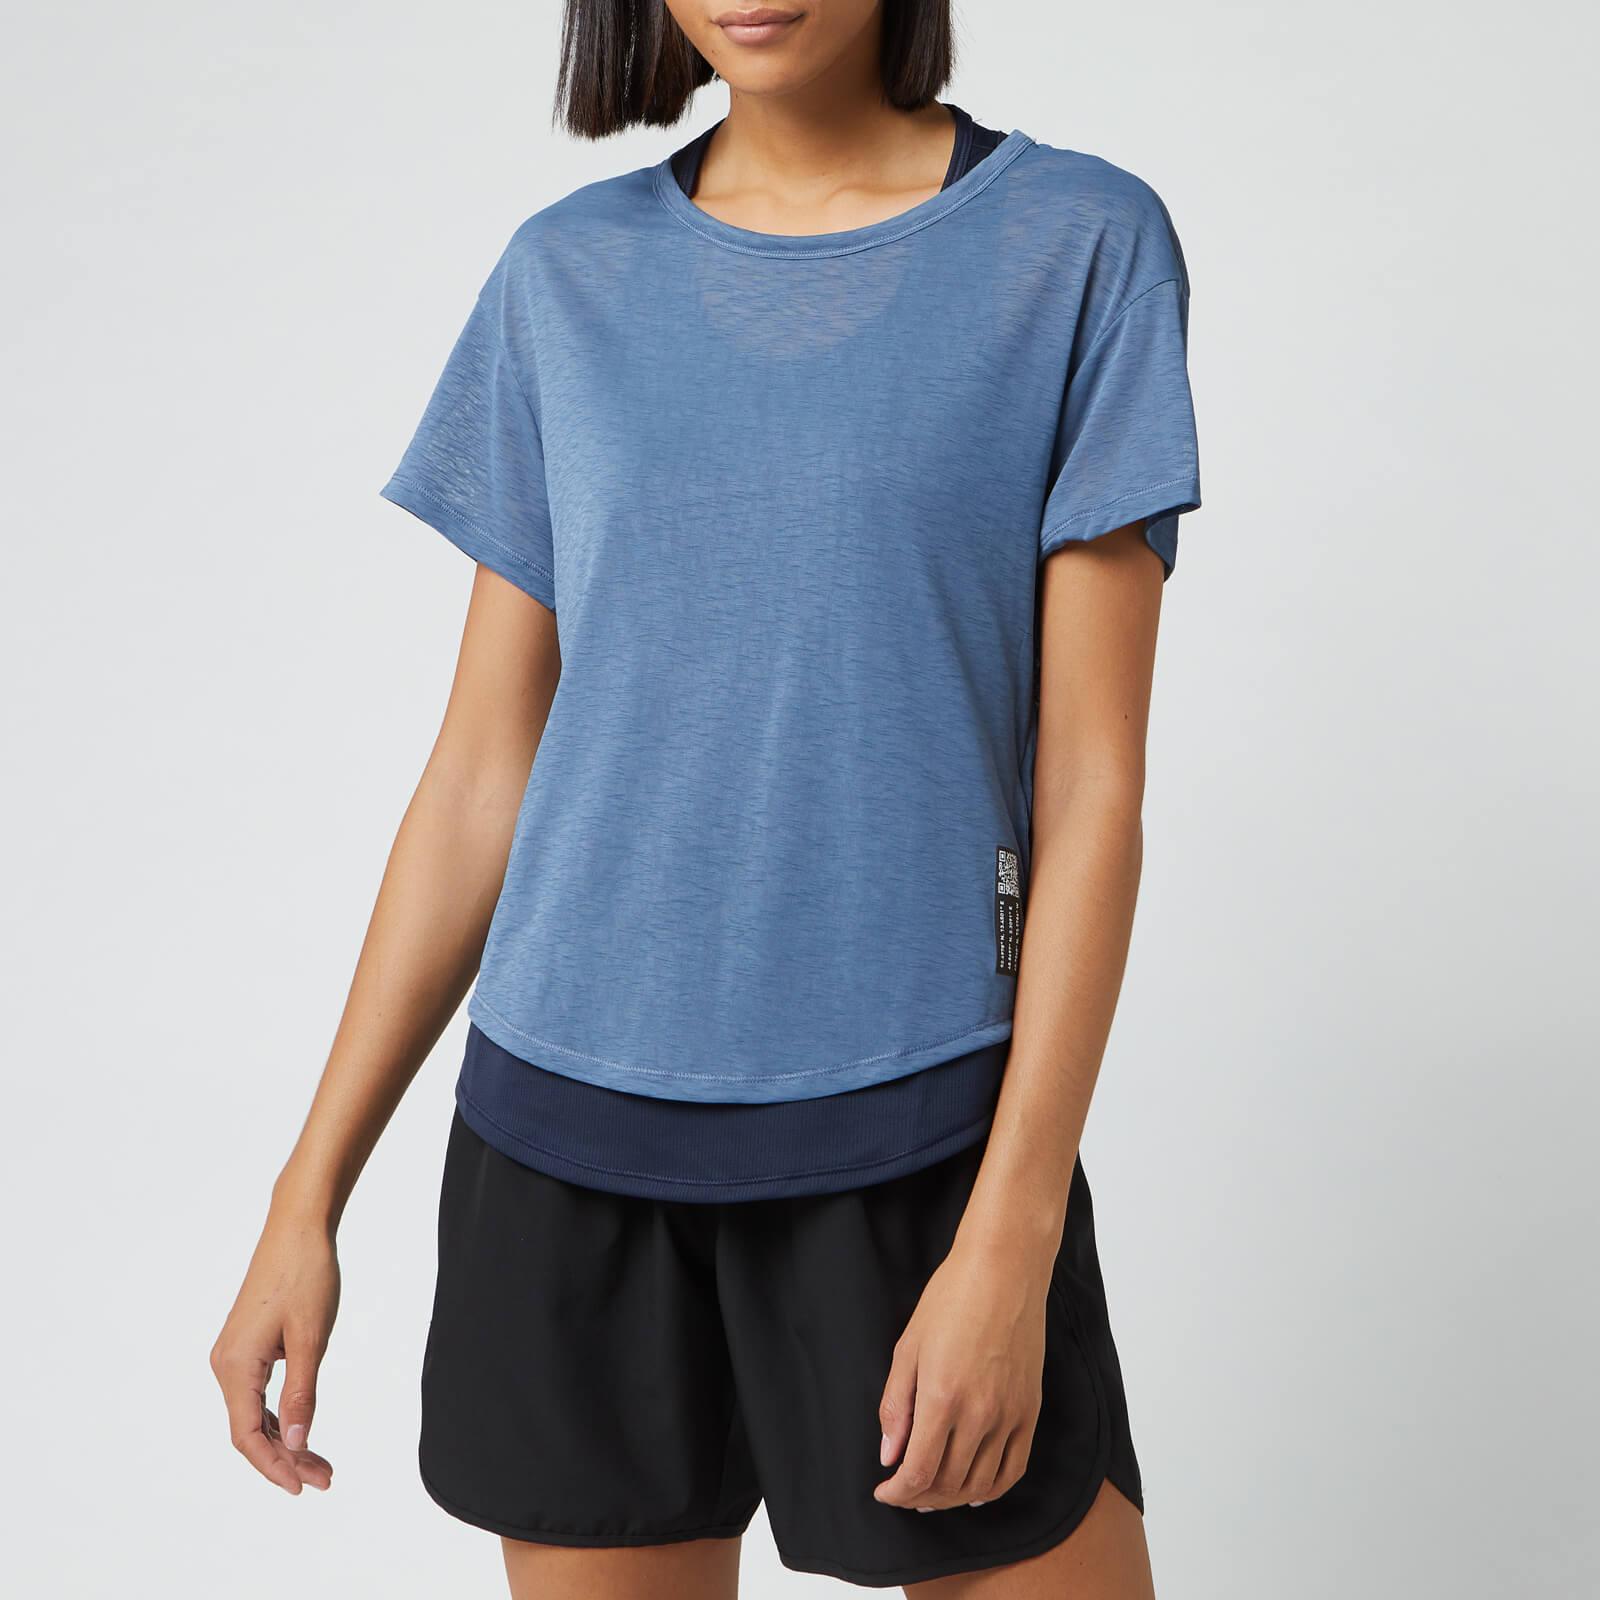 adidas Women's Adapt Short Sleeve T-Shirt - Blue - M - Blue